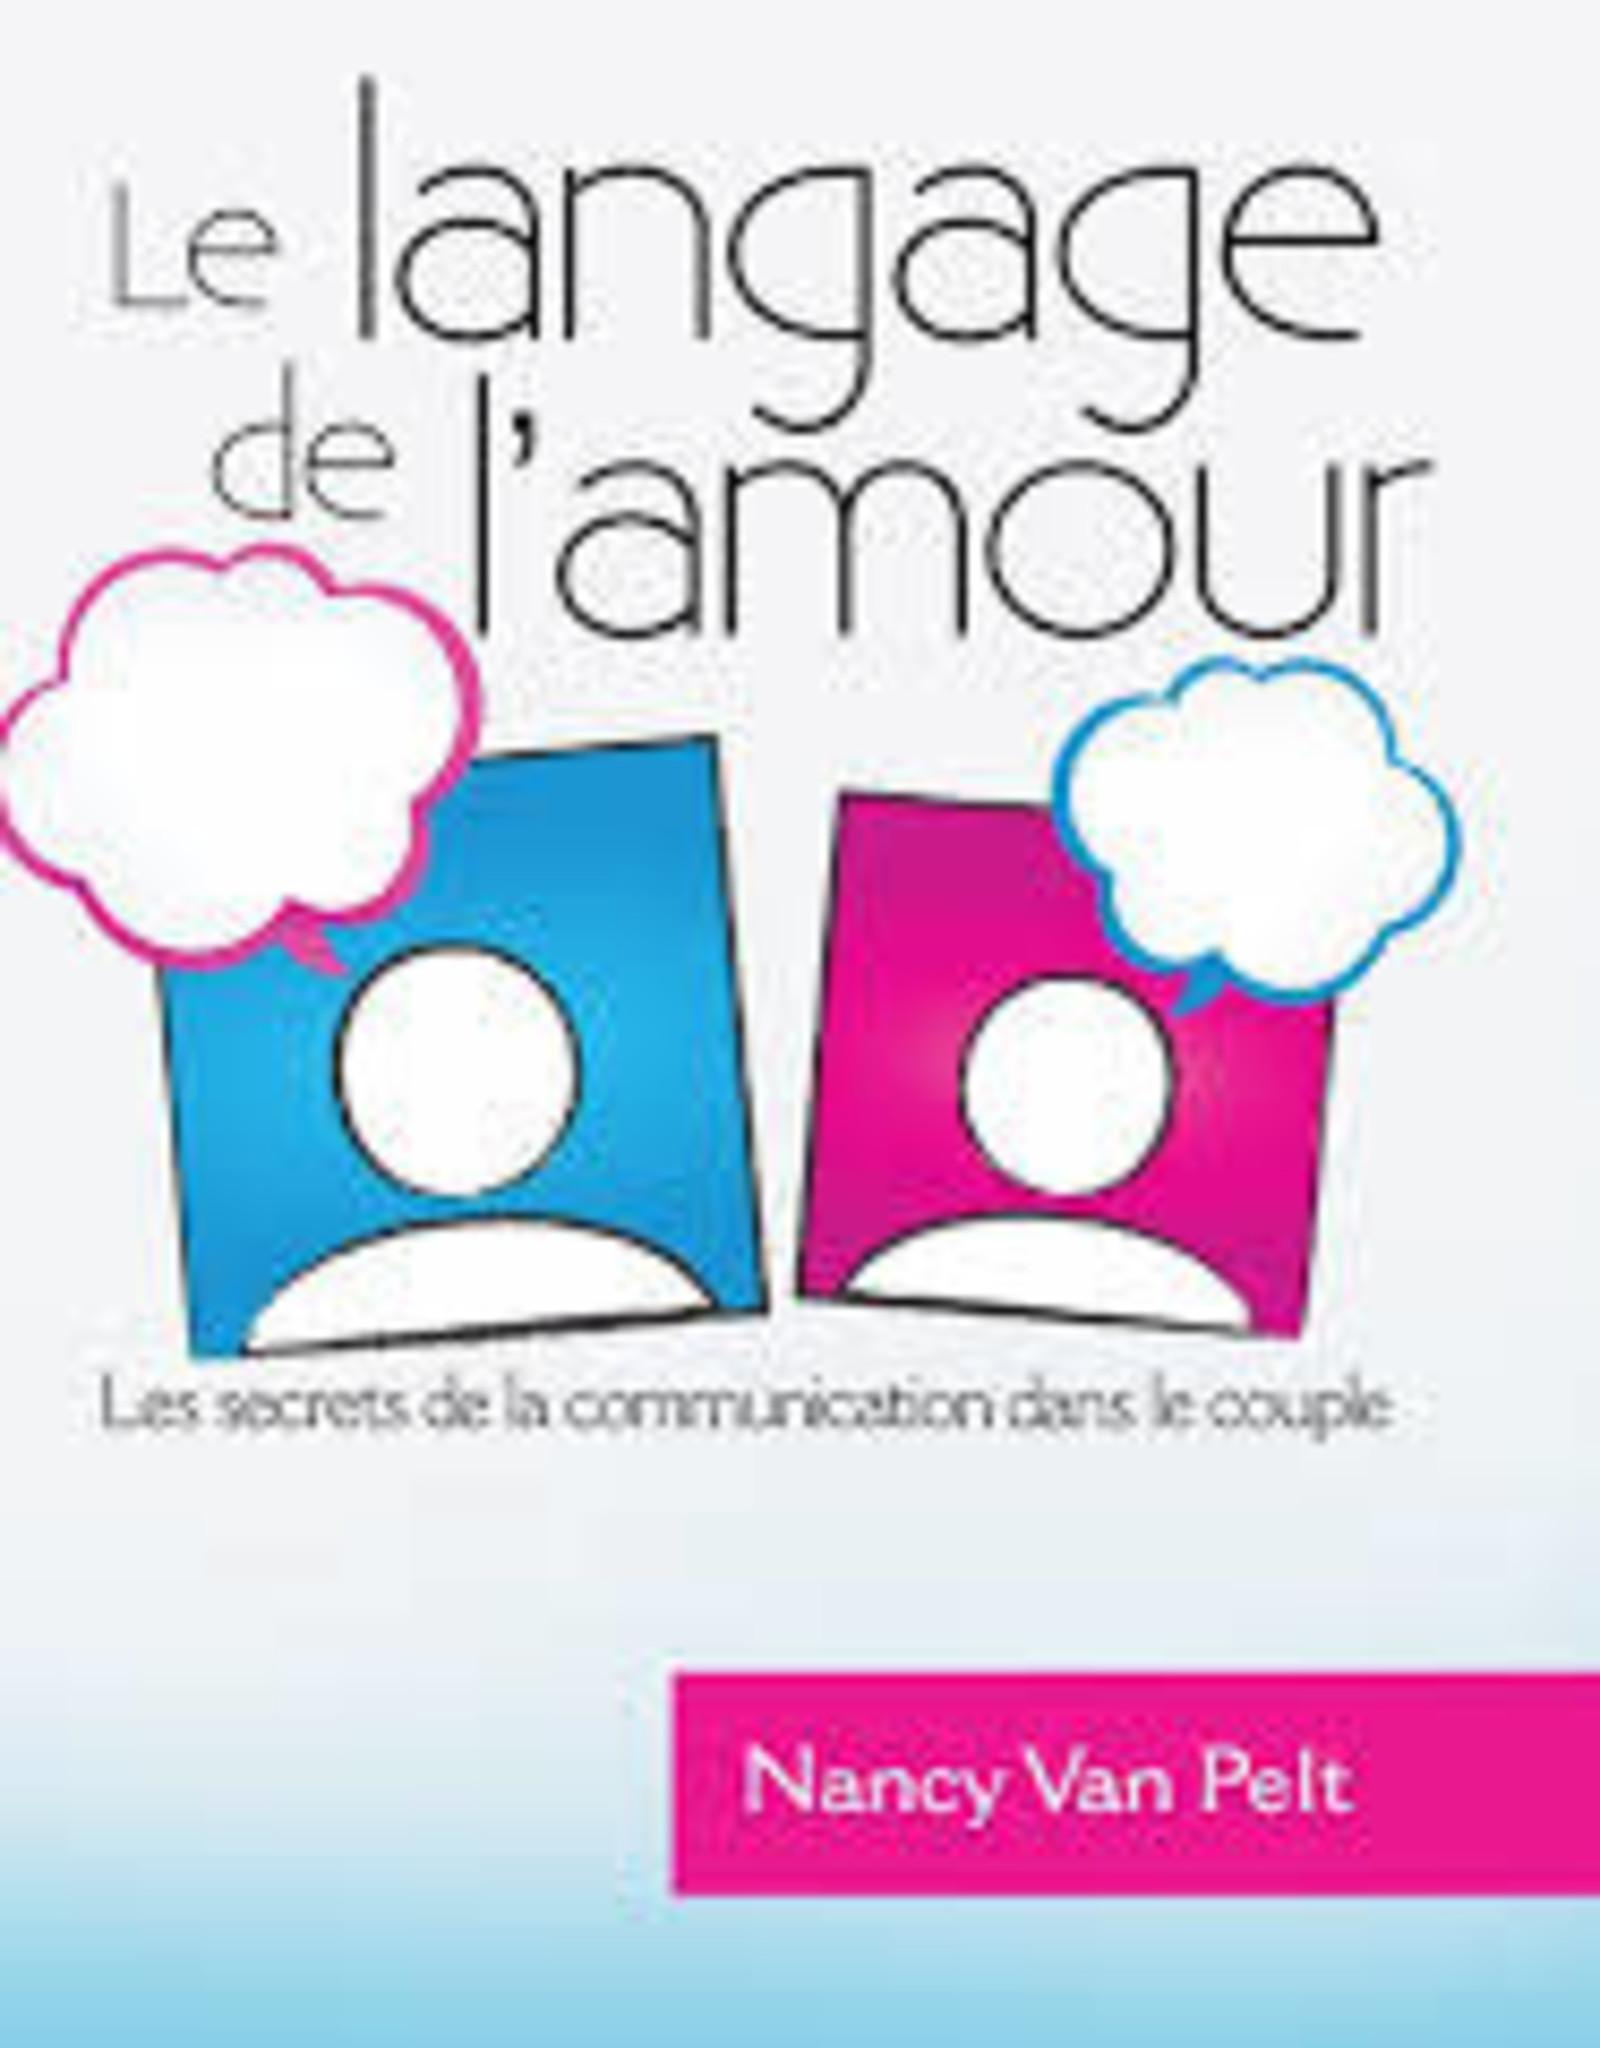 Nancy Van Pelt Le langage de l'amour